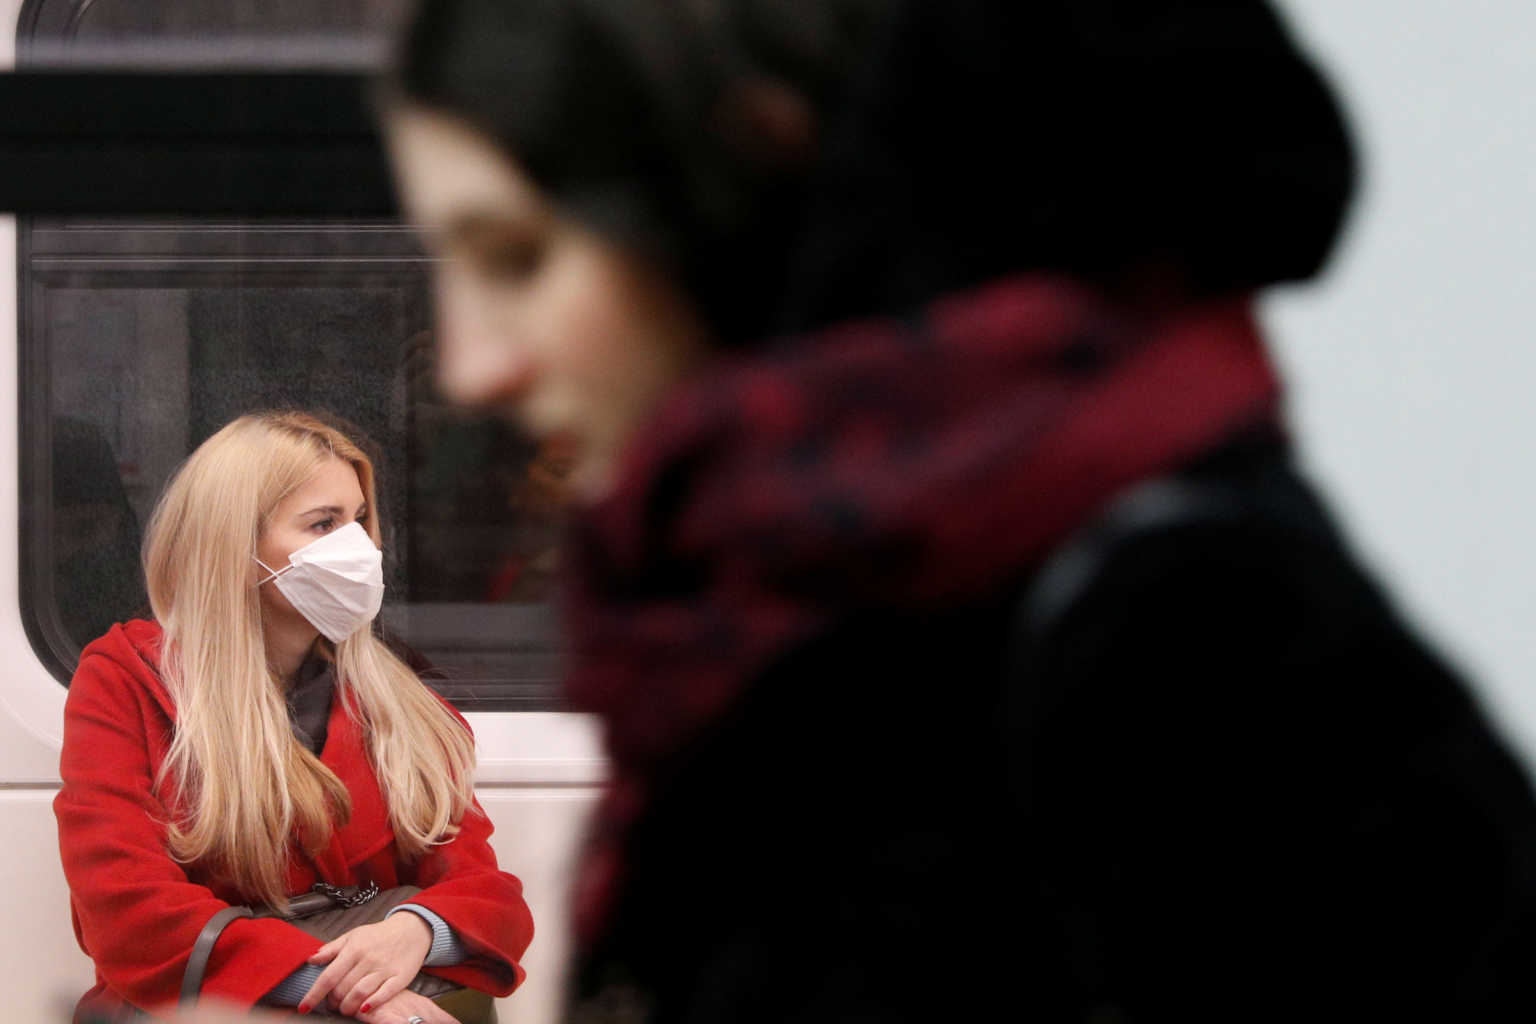 Κορoνοϊός: Πόσο διαρκεί η ανοσία – Τι δείχνουν νέες μελέτες